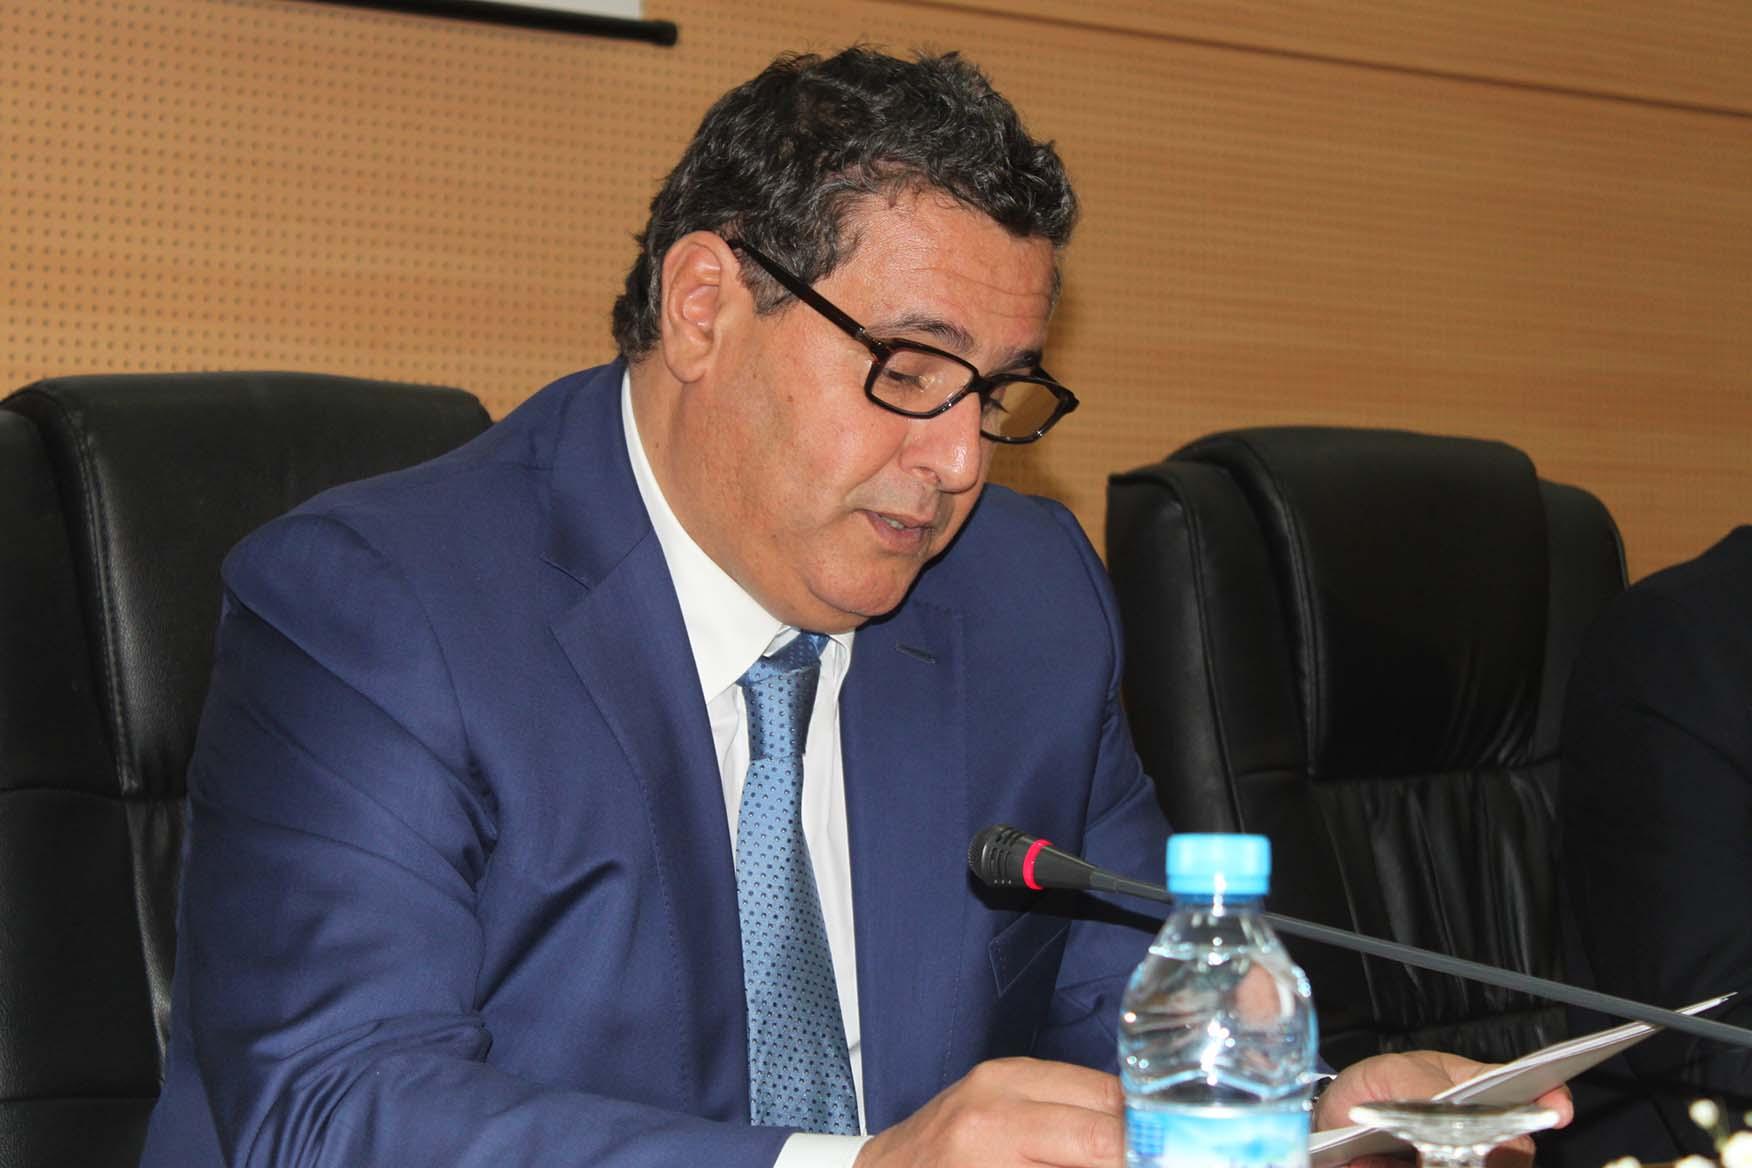 تصريح السيد عزيز أخنوش خلال الملتقى الوطني الأول لقطاع اللحوم الحمراء 2015